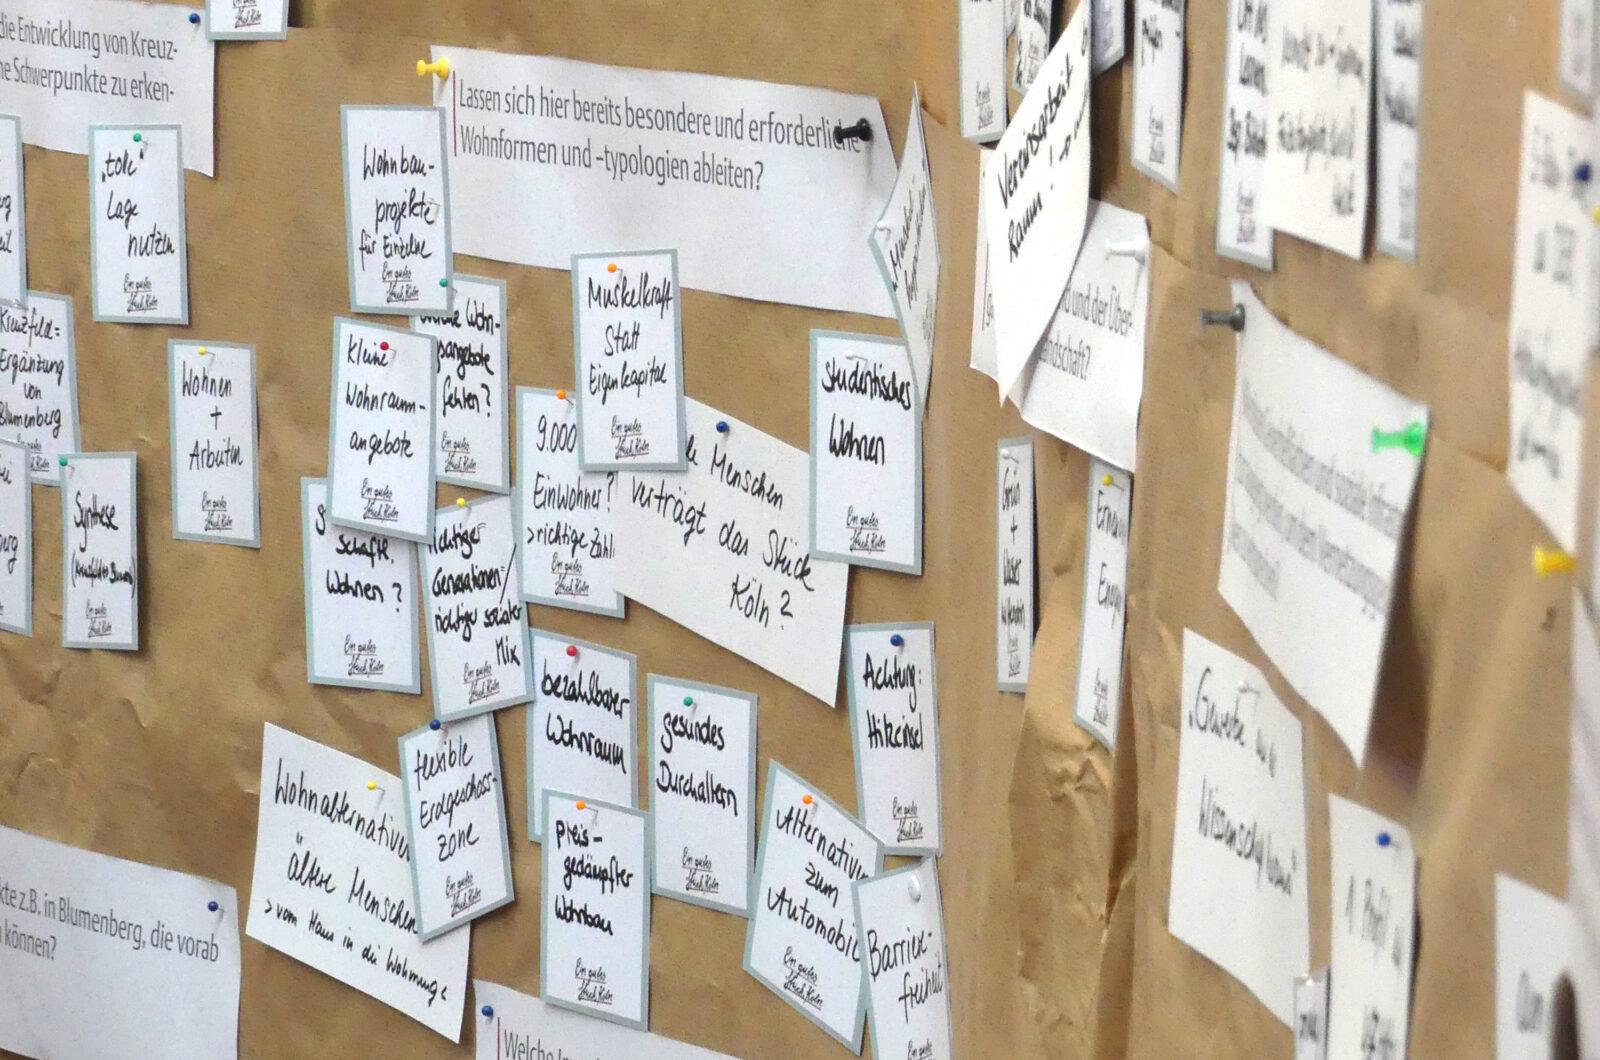 Eine mit Moderationskarten bestückte Stellwand, auf der die Ergebnisse des Expert*innenhearings dokumentiert sind.